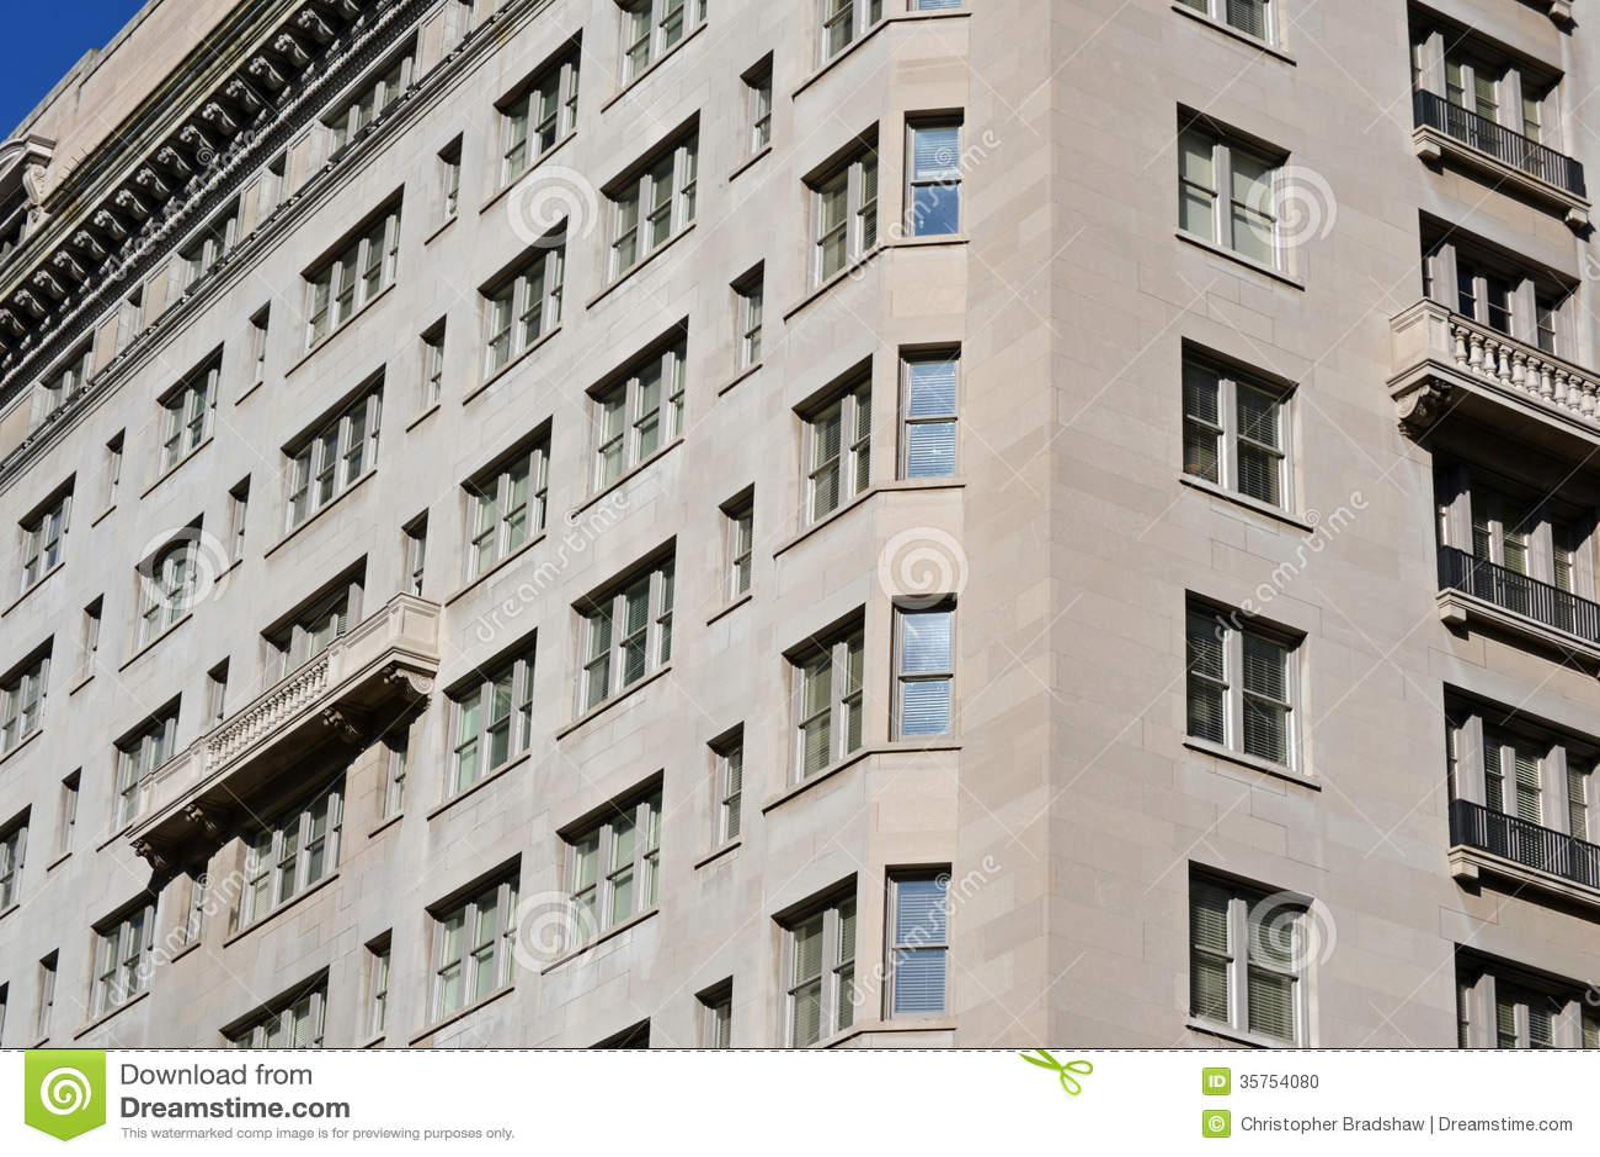 Old Concrete Buildings : Concrete building stock photo image